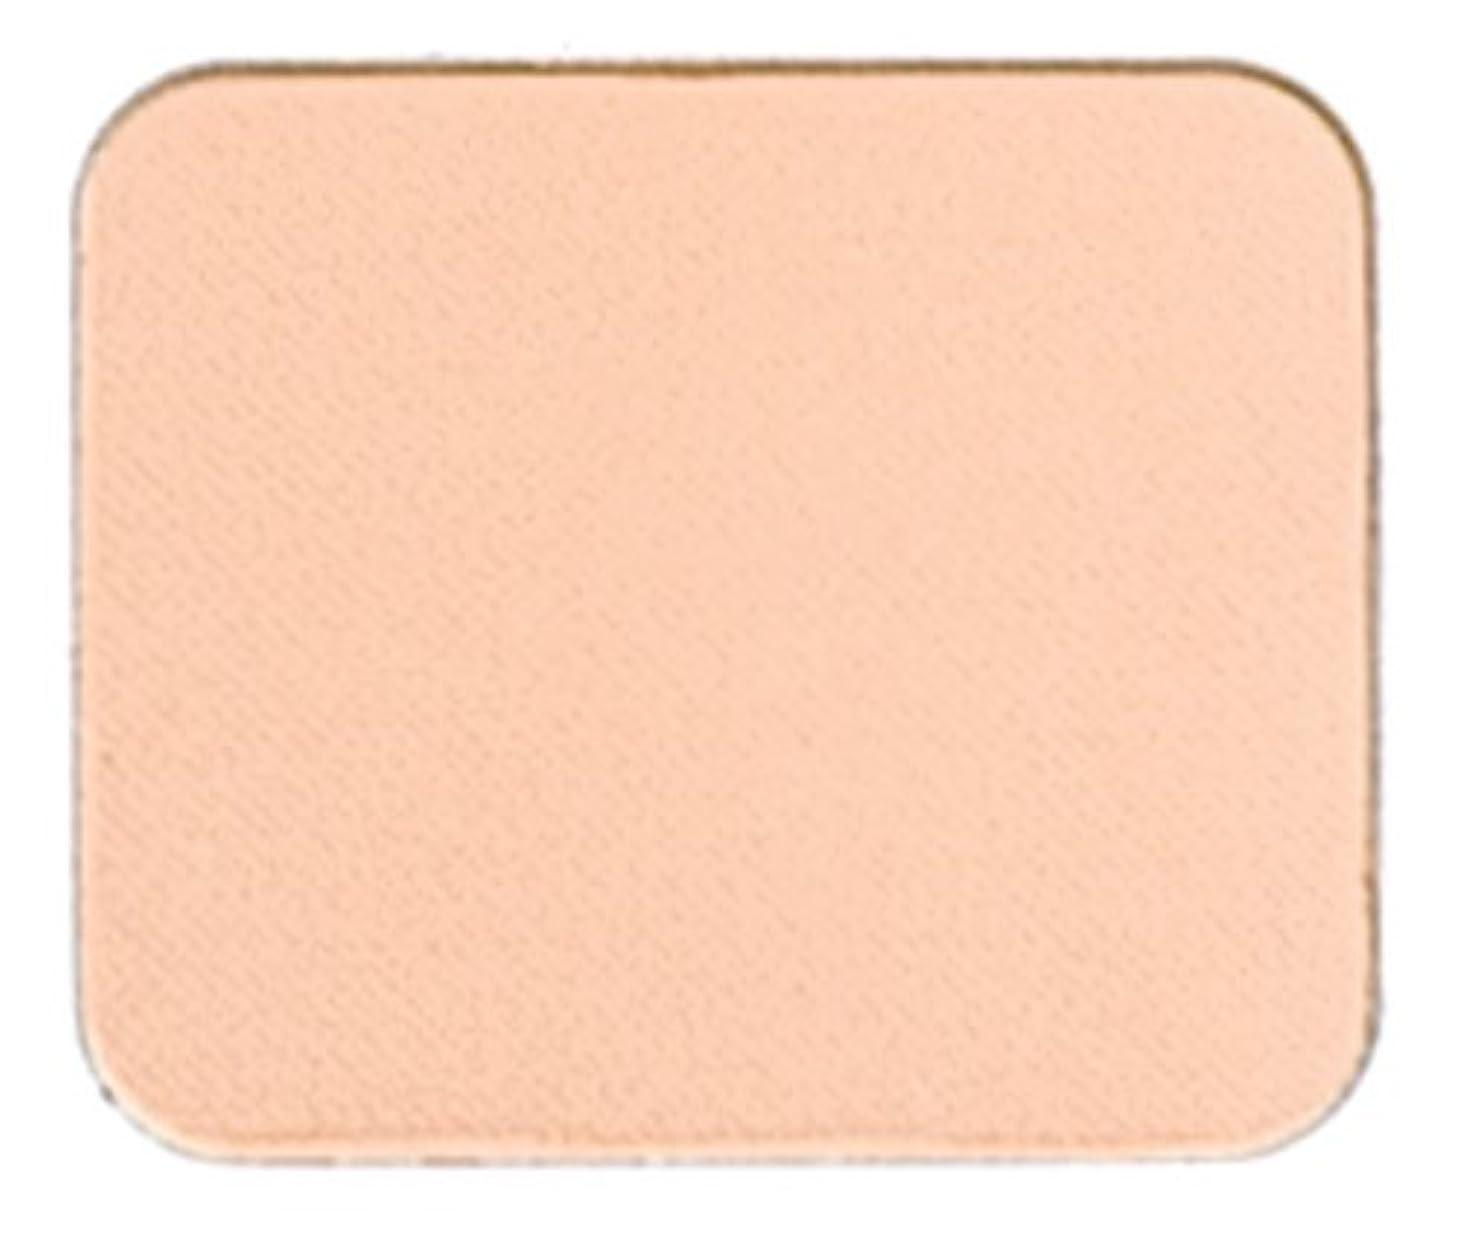 かすかなつかの間スーパードクターシーラボ BBパーフェクトファンデーション WHITE377プラス ナチュラル1(明るい肌色) 12g SPF25 PA++